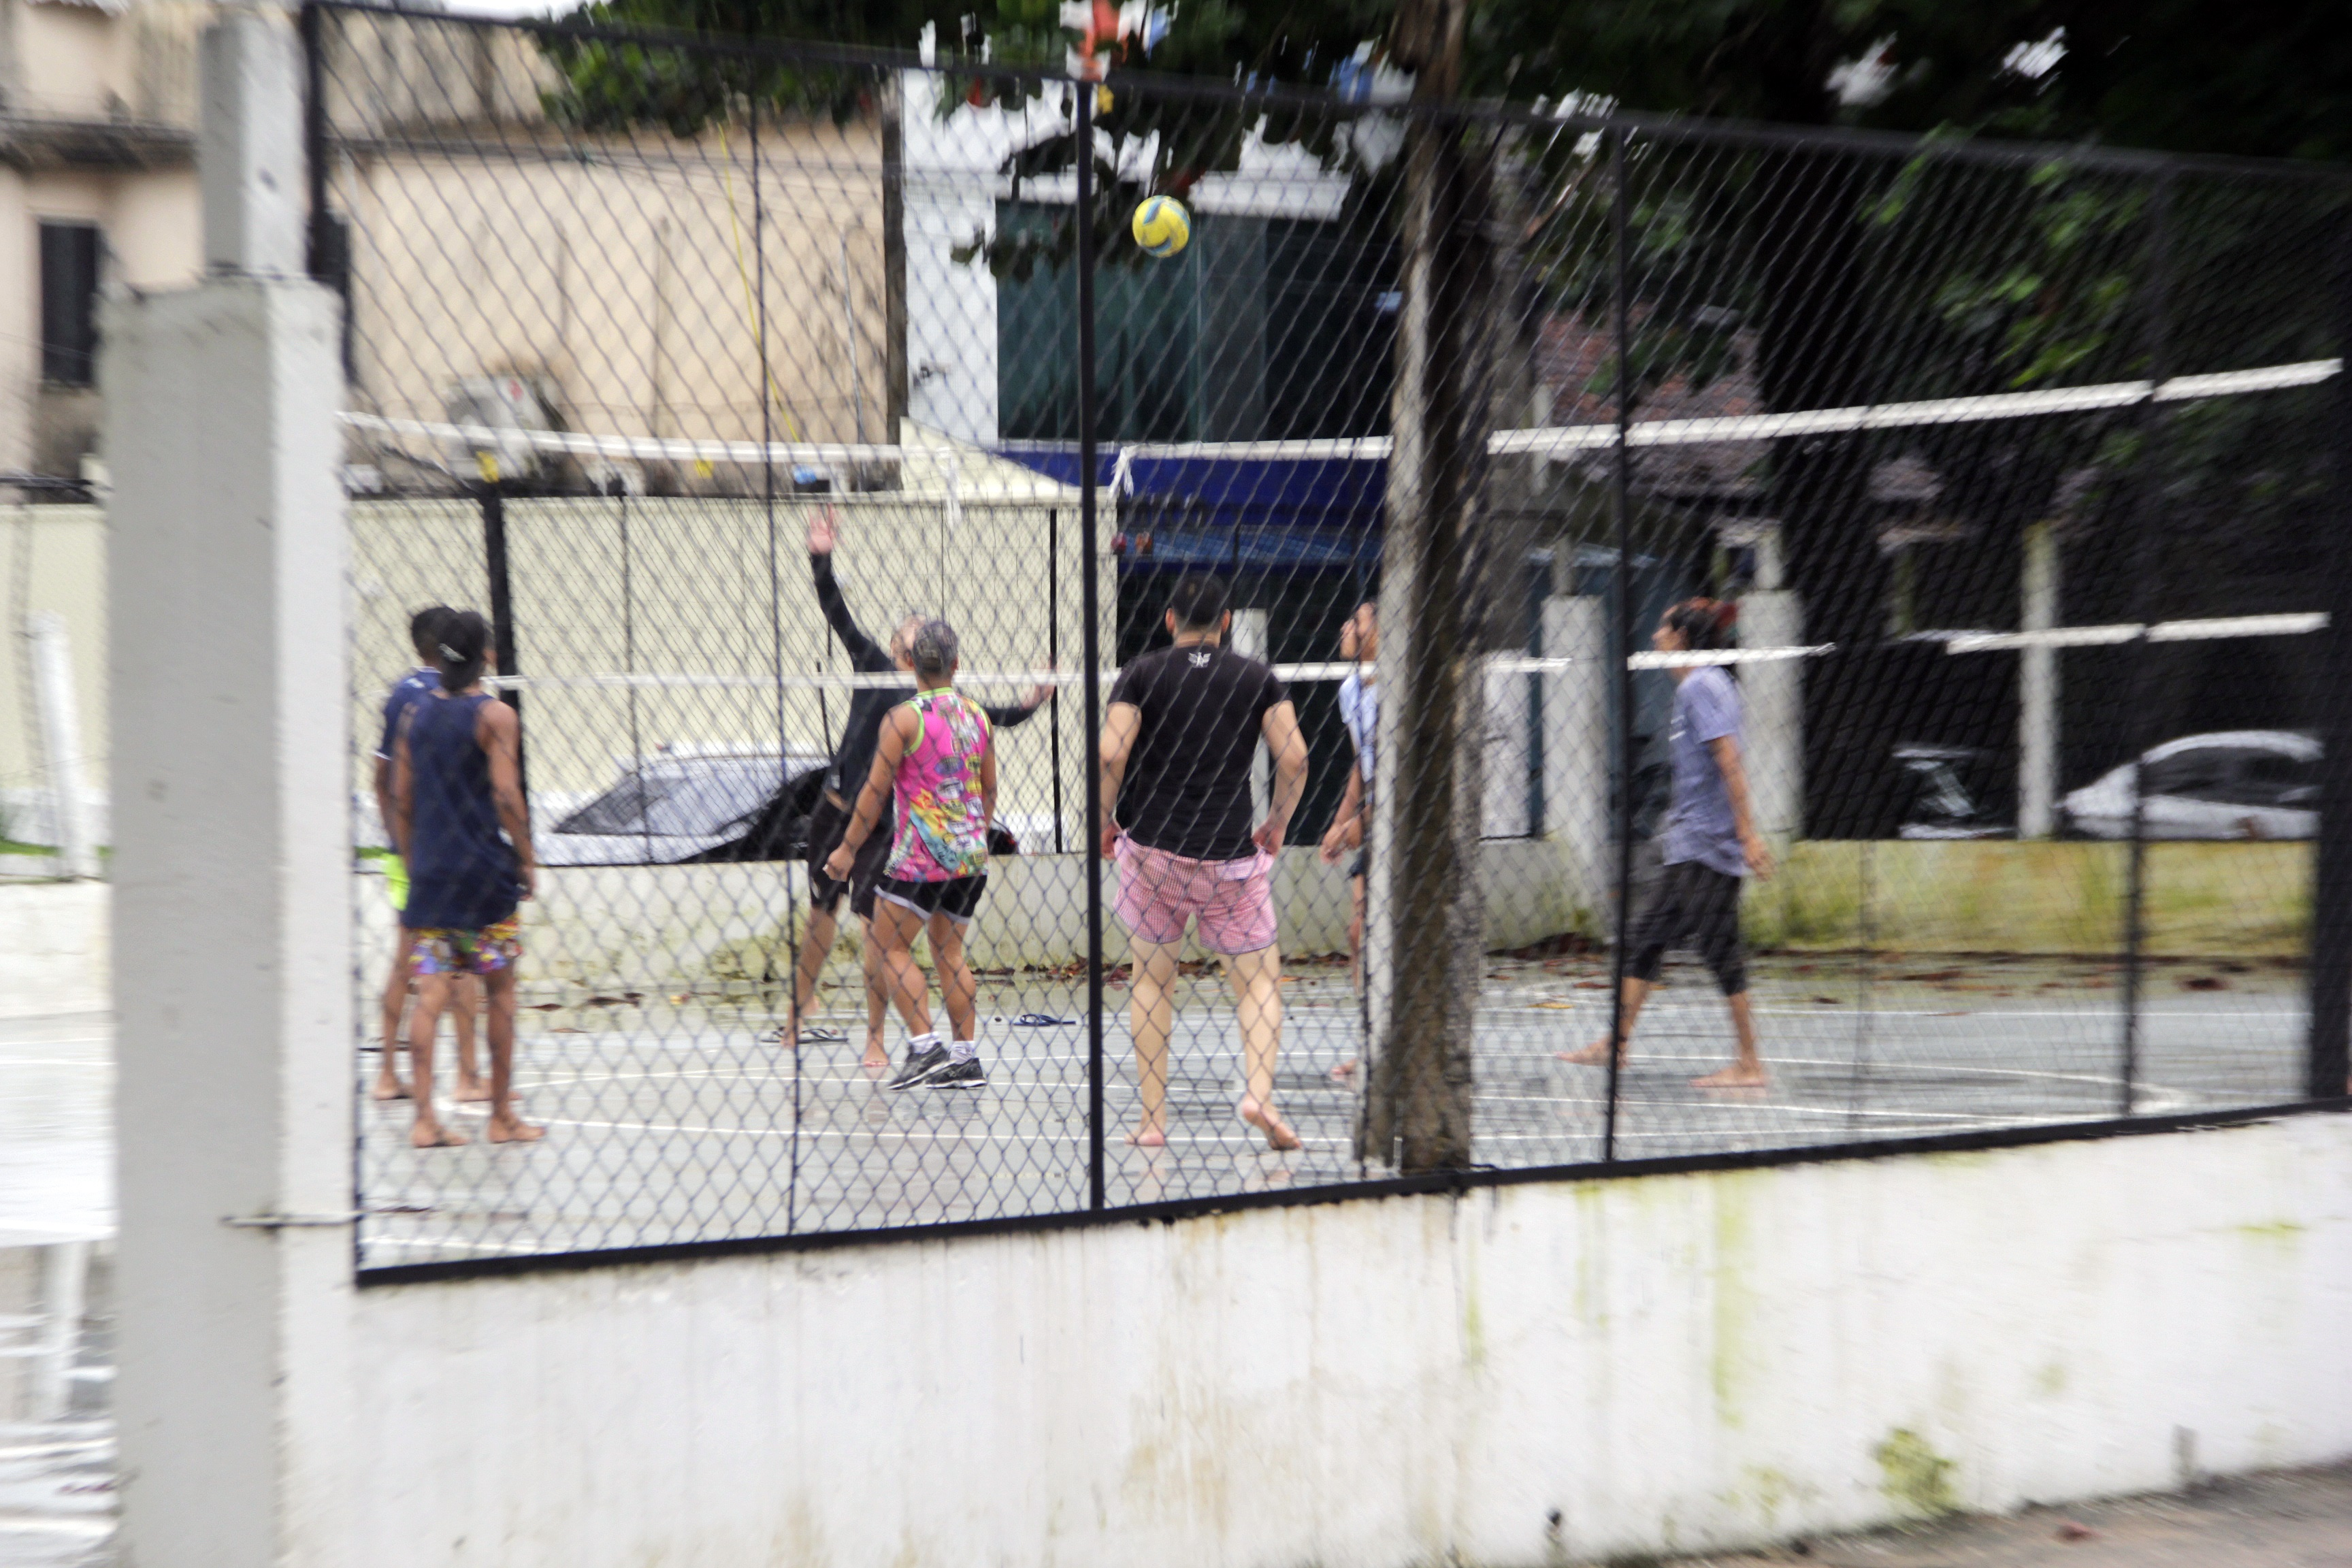 Grupo joga em quadra de Belém, na tarde desta sexta (12)